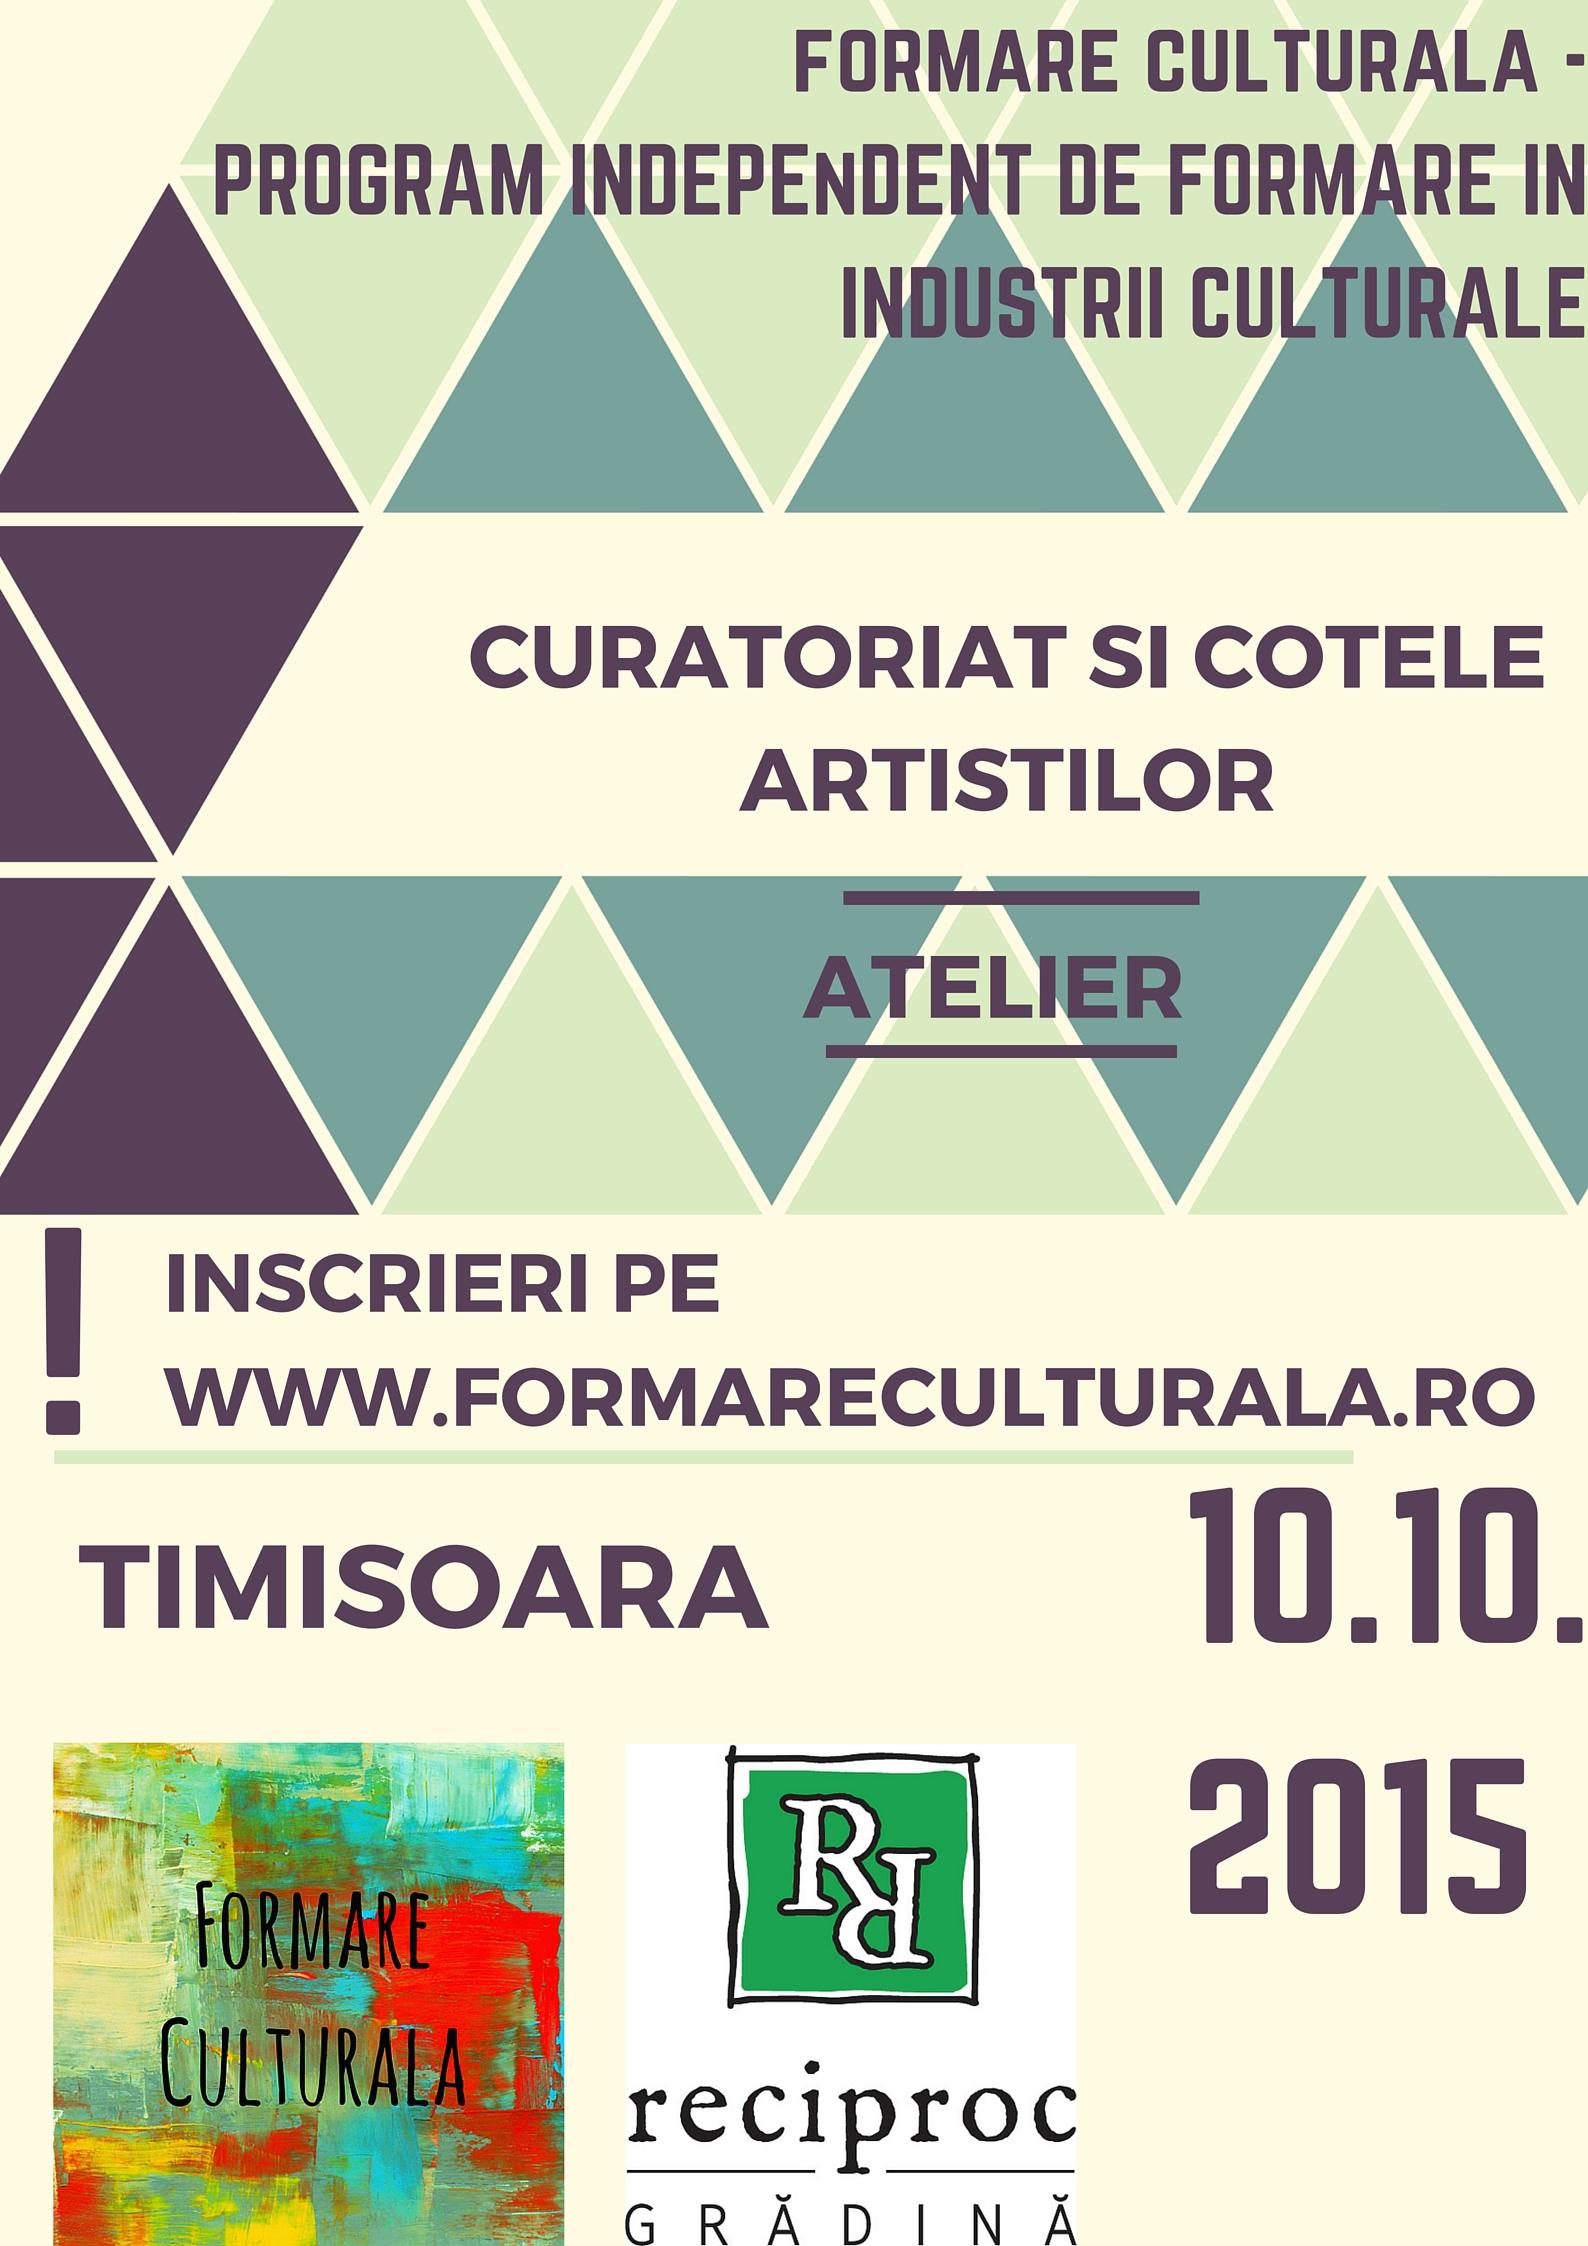 Formare profesionala in artele vizuale @ Cafeneaua sociala Reciproc, Timisoara